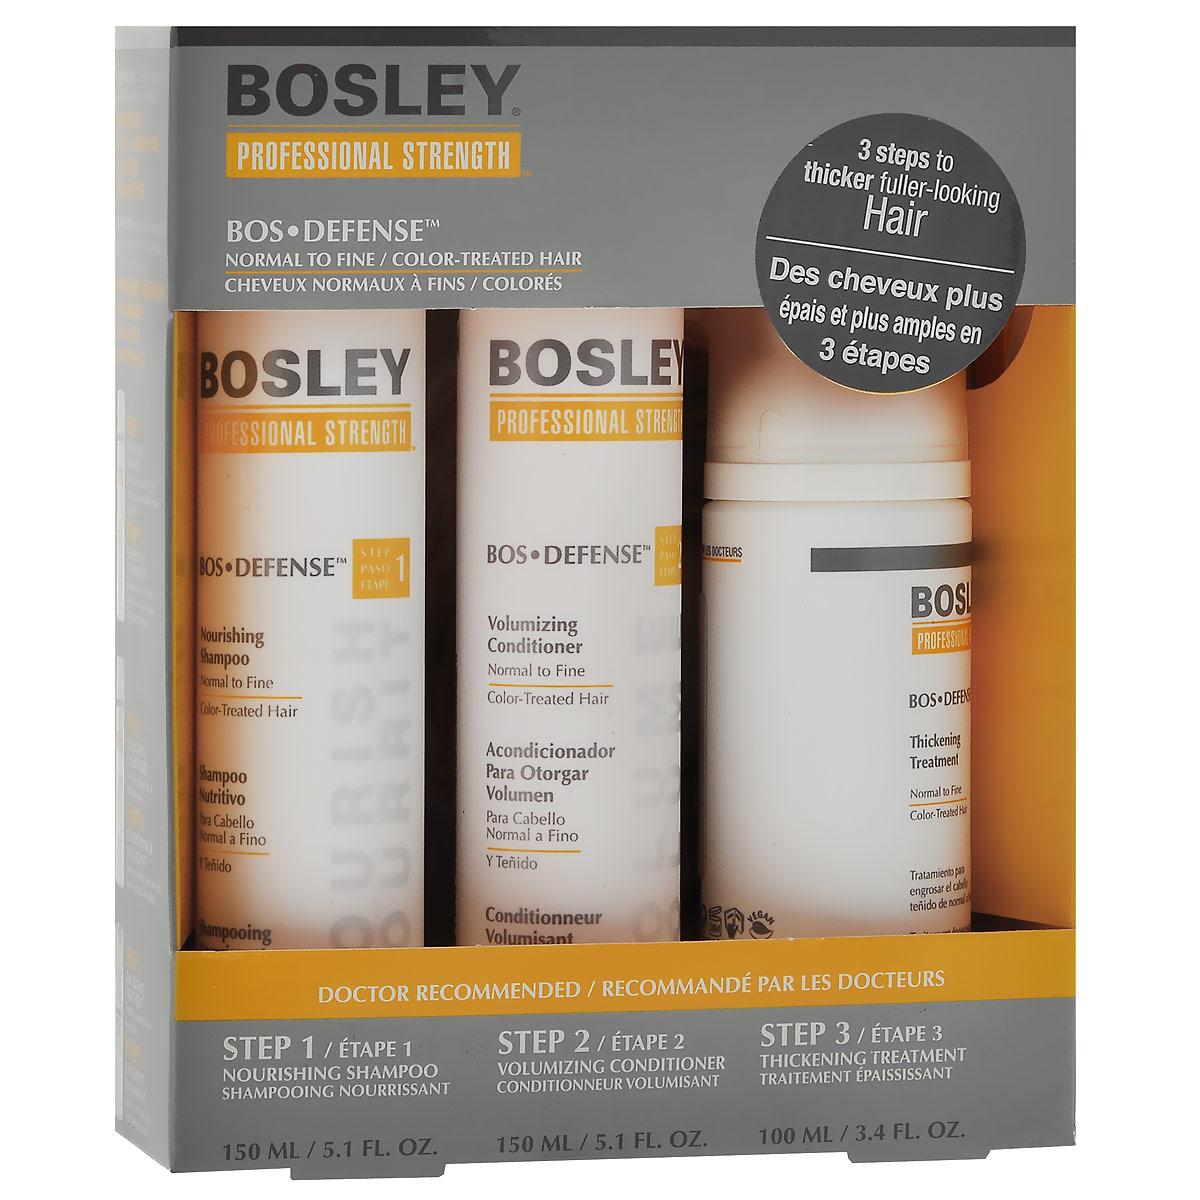 bosley шампунь питательный для нормальных тонких окрашенных волос 300 мл Bosley Набор для нормальных, тонких и окрашенных волос: шампунь, кондиционер, несмываемый уход